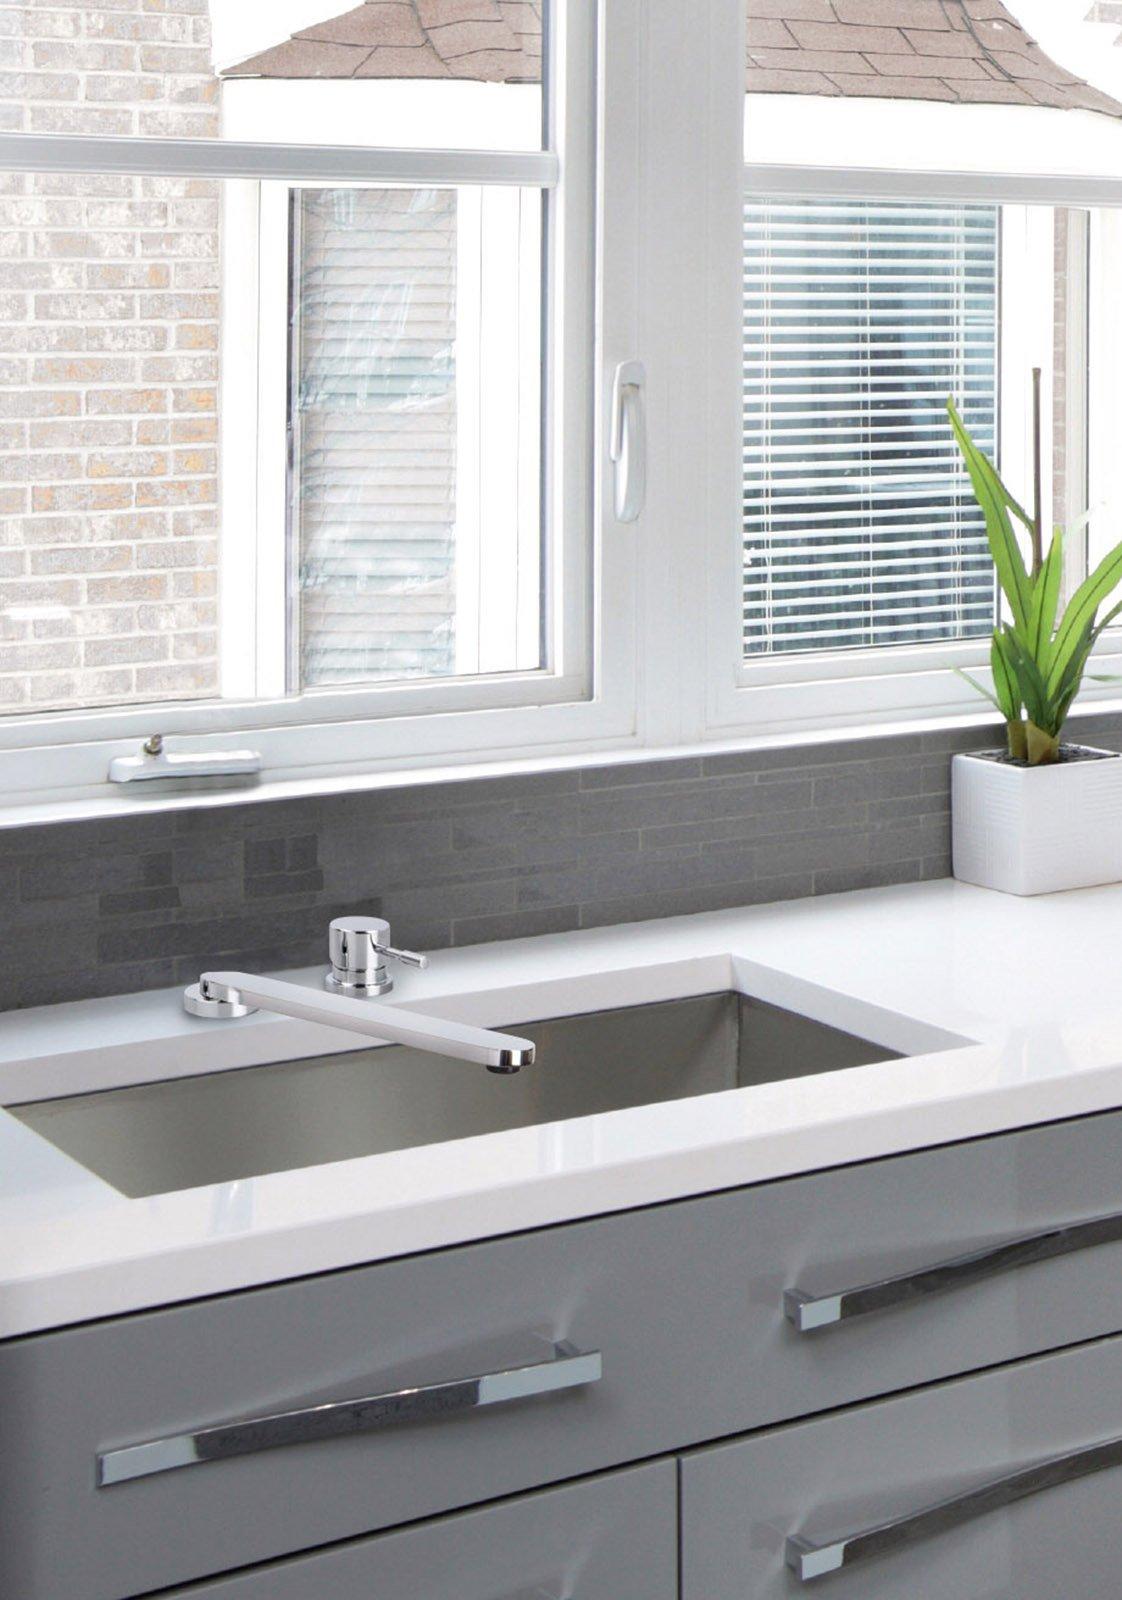 Rubinetti per la cucina i nuovi miscelatori cose di casa - Cucina con finestra ...